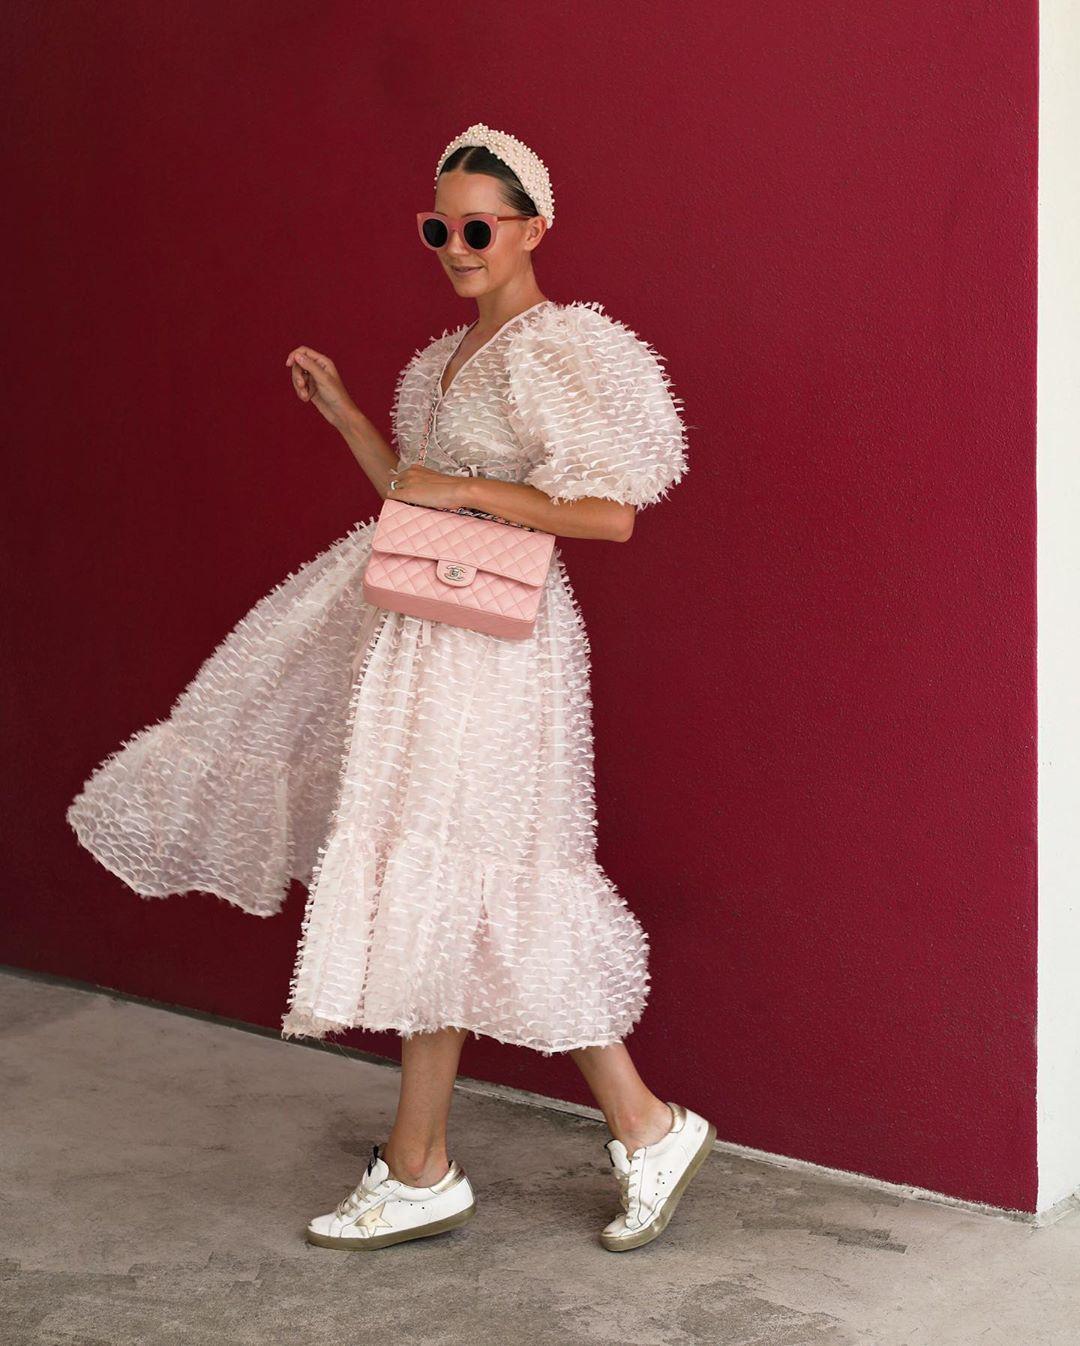 cô gái mặc váy hồng đeo mắt kính và túi xách chanel hồng